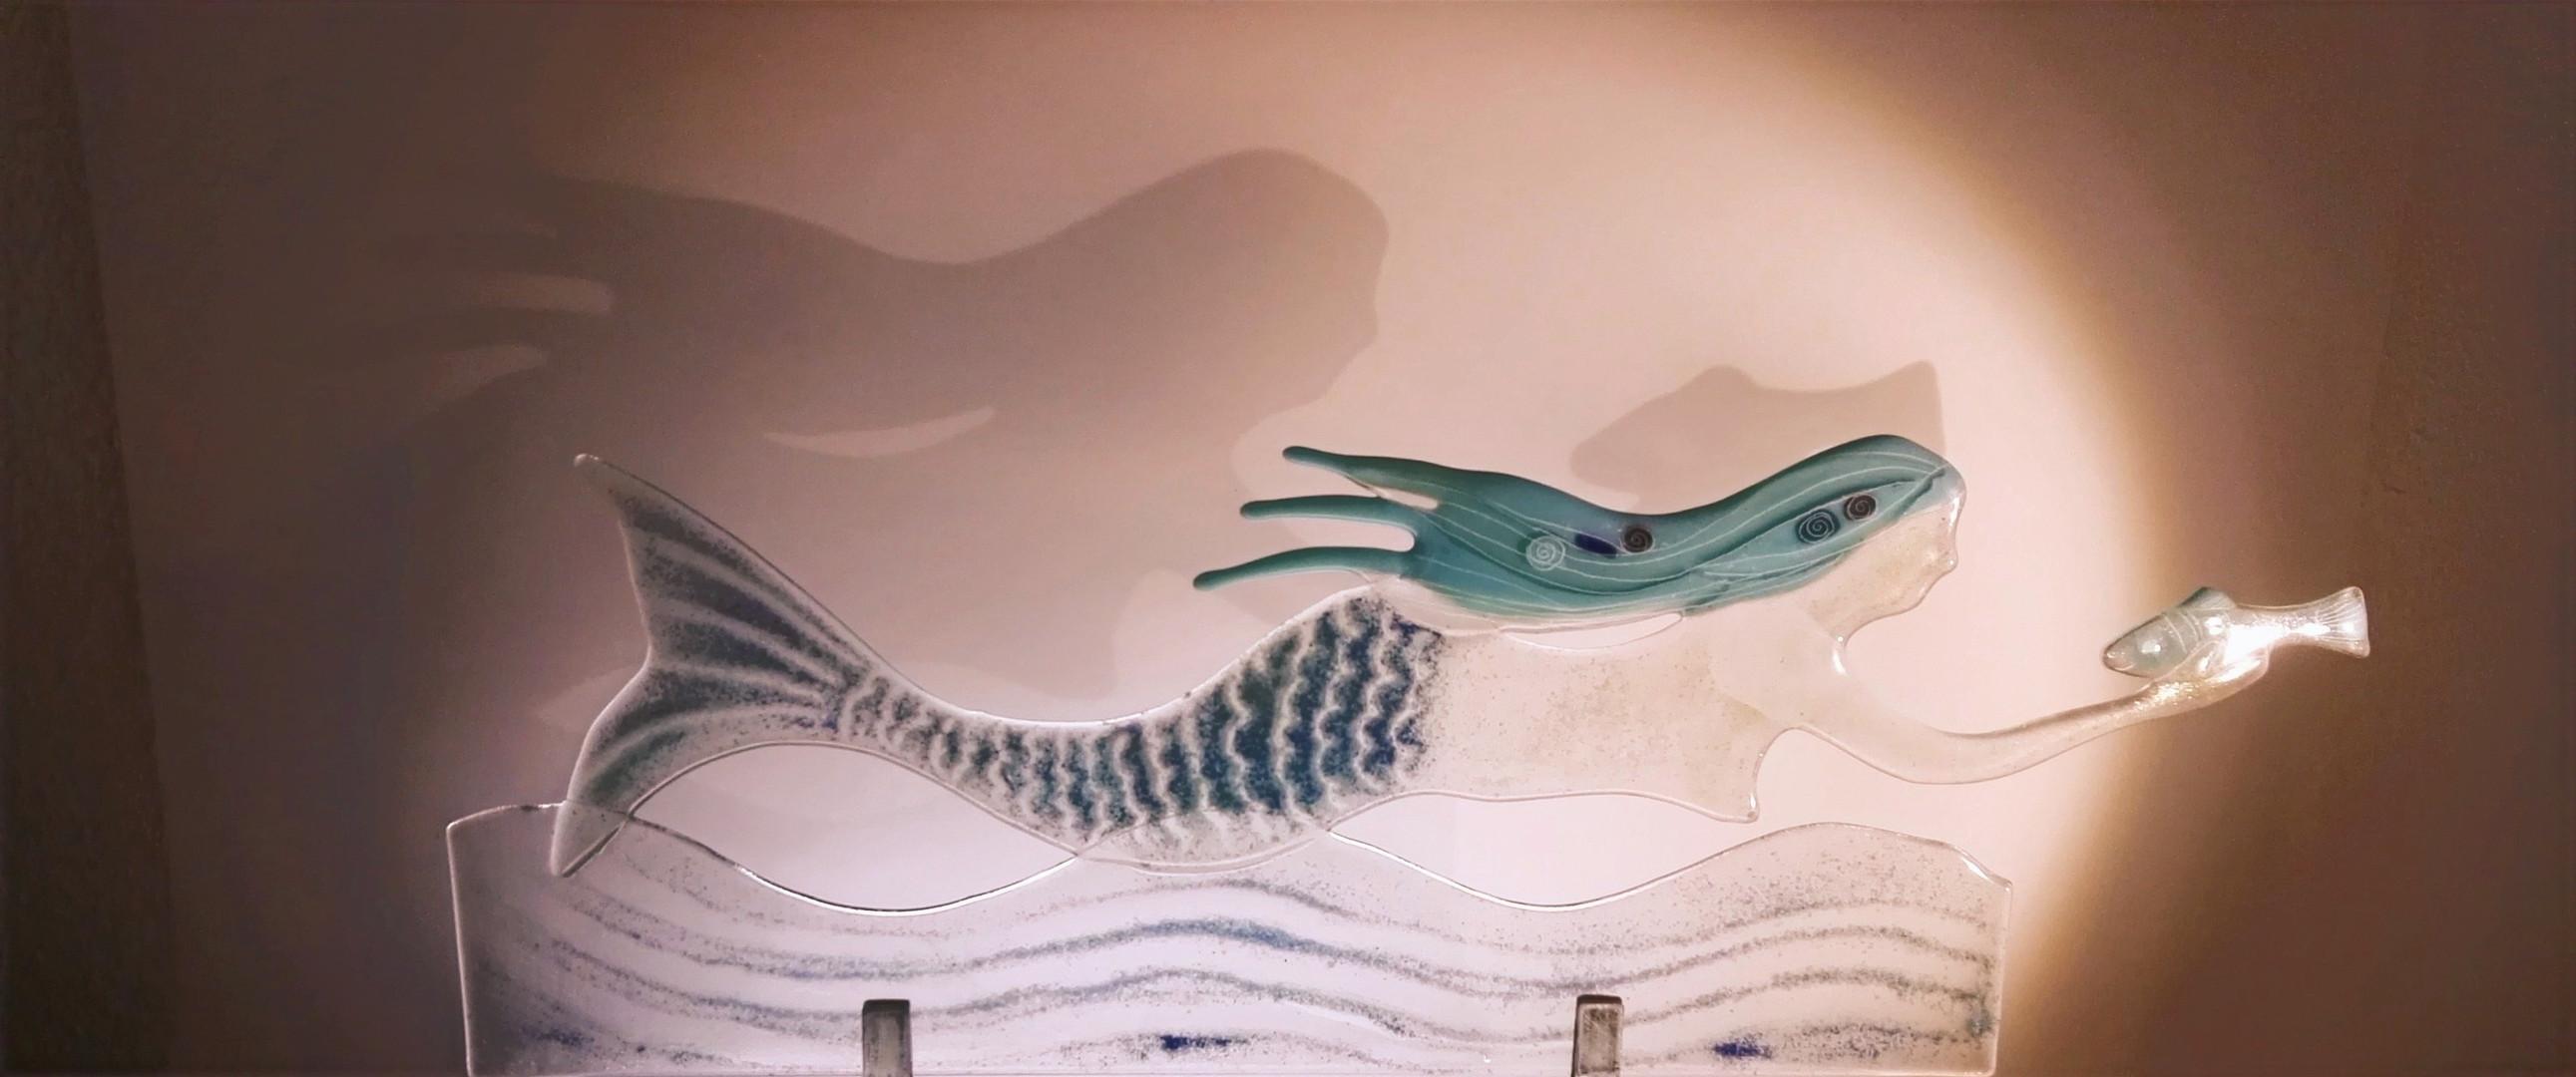 Meerfrau und Schatten